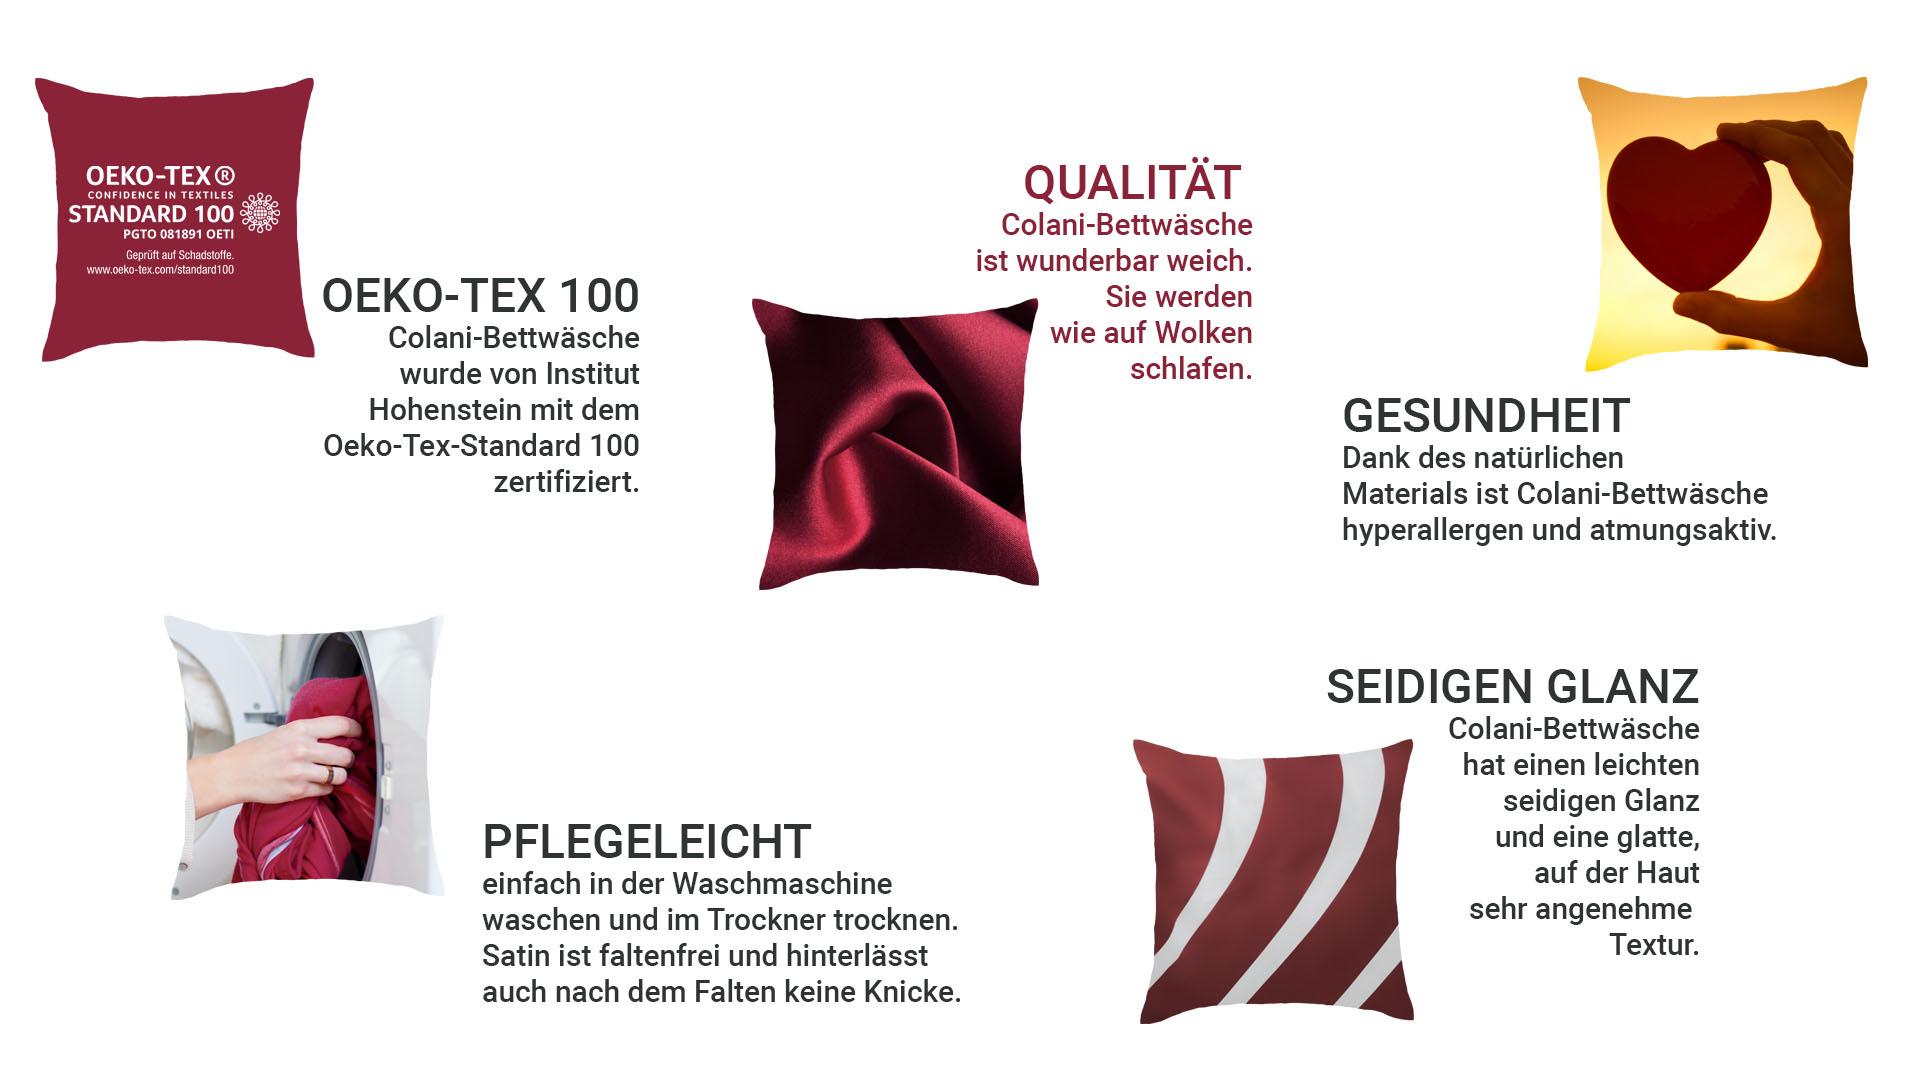 Informace o výrobku: Ložní prádlo Colani bylo certifikováno Institutem Hohenstein na standard Oeko-Tex Standard 100. To znamená, že se při výrobě nepoužívají žádné škodlivé látky. Dále - snadno se čistí, jednoduše se vypere v pračce a suší se v bubnu. Satén se nevrásní a nezanechává žádné vrásky ani po skládání. Bavlněný satén je známý svou vysokou kvalitou. Povlečení Colani je úžasně měkké. Budete spát jako v oblacích. Díky přírodnímu materiálu je ložní prádlo Colani hypoalergenní a prodyšné. Povlečení Colani má lehký hedvábný lesk a hladkou, velmi příjemnou texturu na kůži. Ložní prádlo Colani Satin je dobré pro vaše zdraví a velmi jemné na kůži a na vlasy, neničí je.